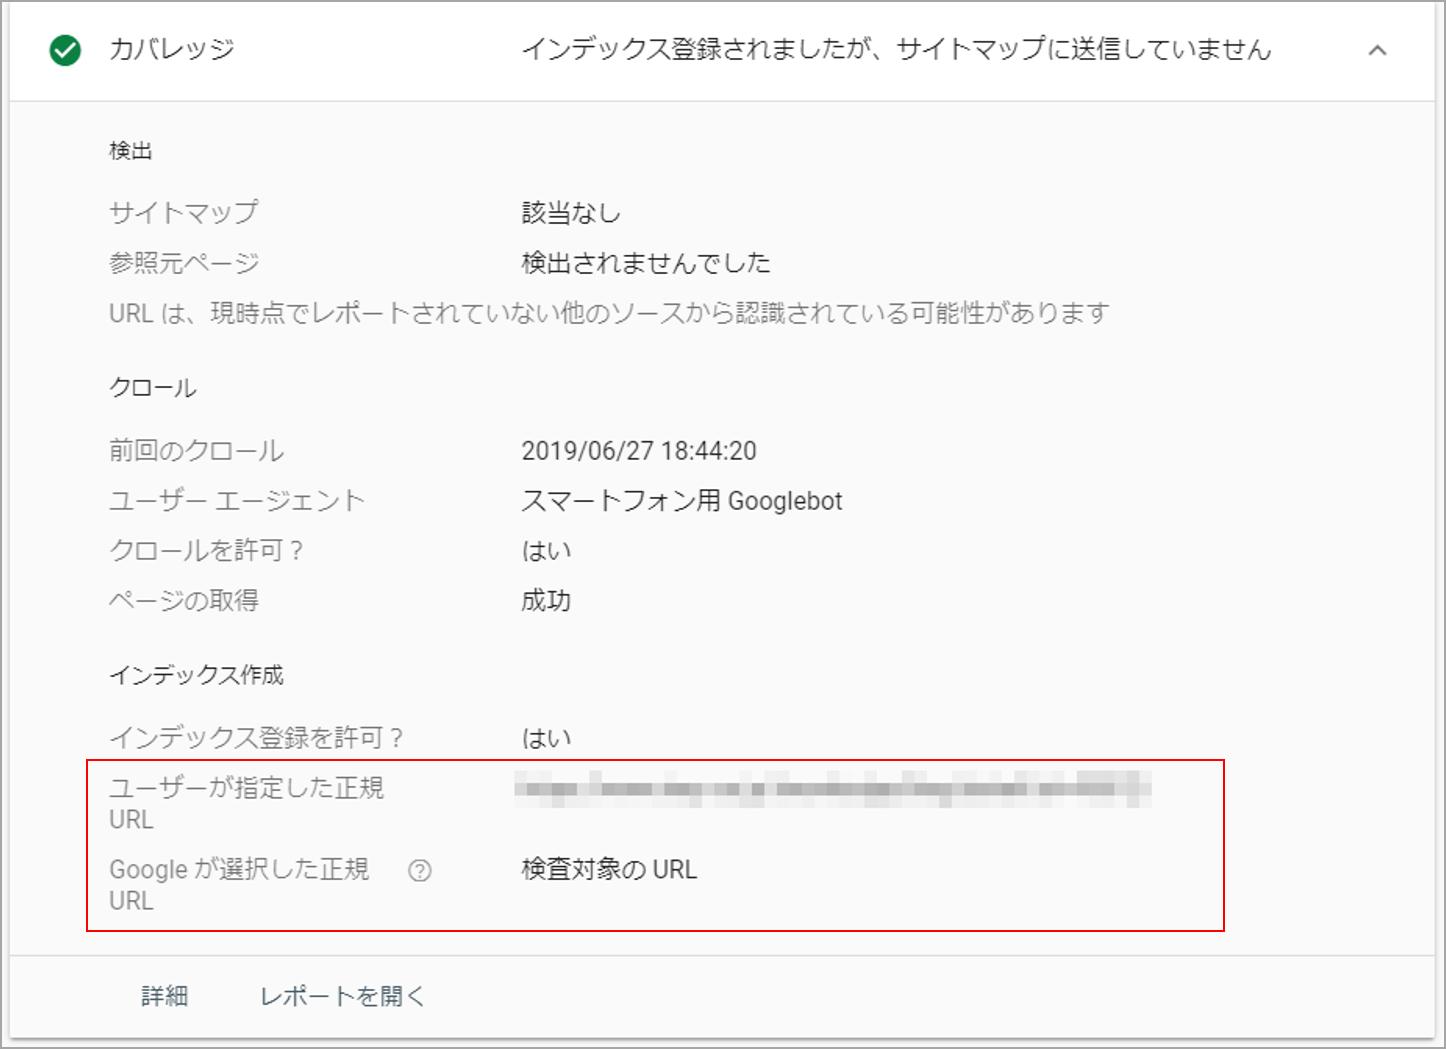 サイト てい マップ 送信 登録 に ませ し まし ん が インデックス され た